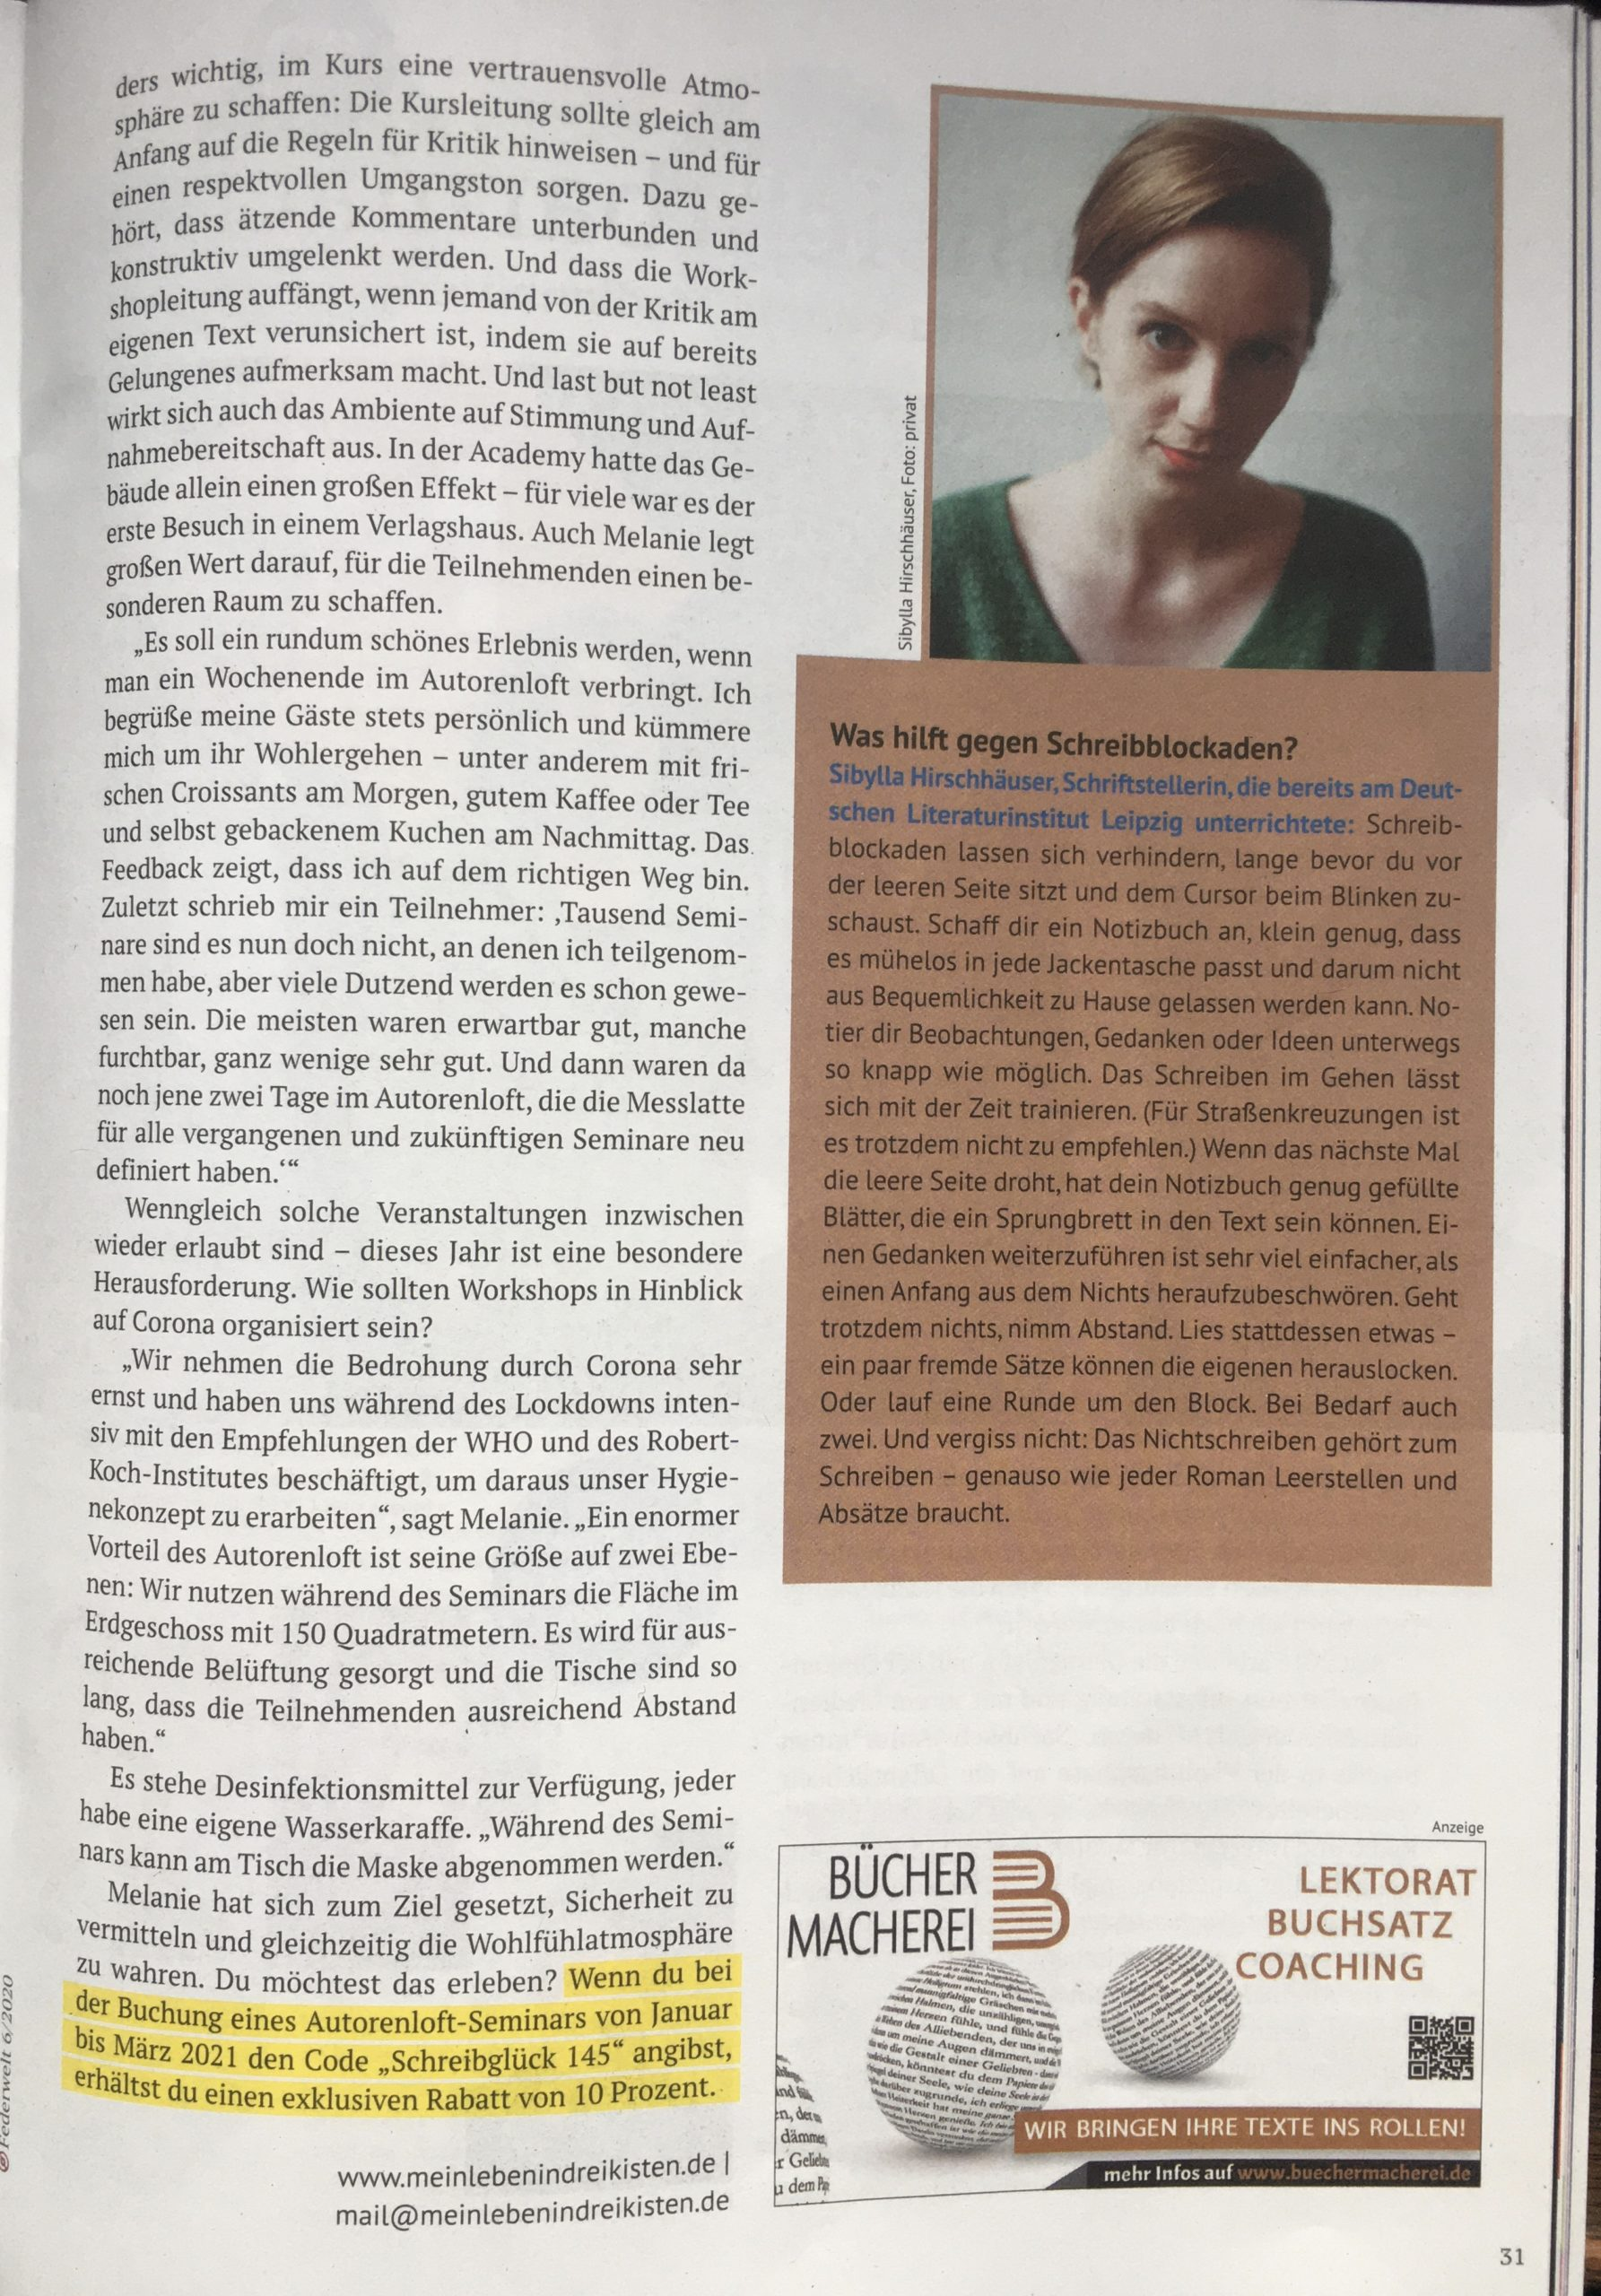 Was hilft gegen Schreibblockaden fragt Sibylla Hirschhaeuser